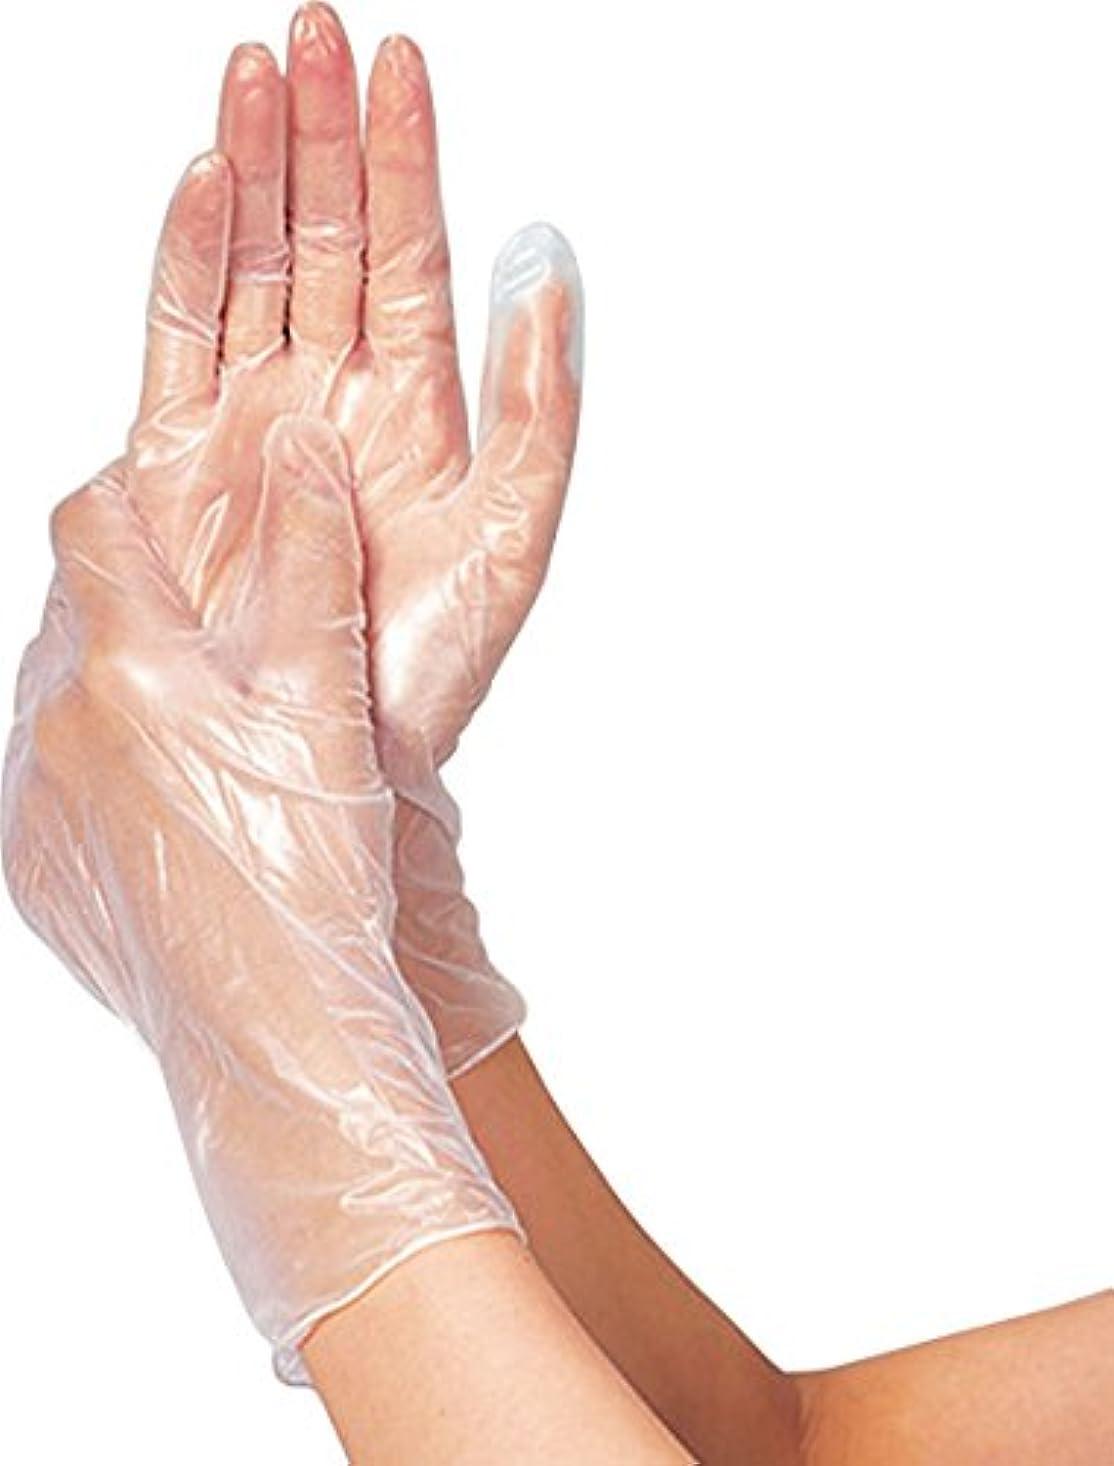 モーションしないでください中庭タケトラプラスチック手袋200パウダーフリーL200枚 075884 竹虎メディカル